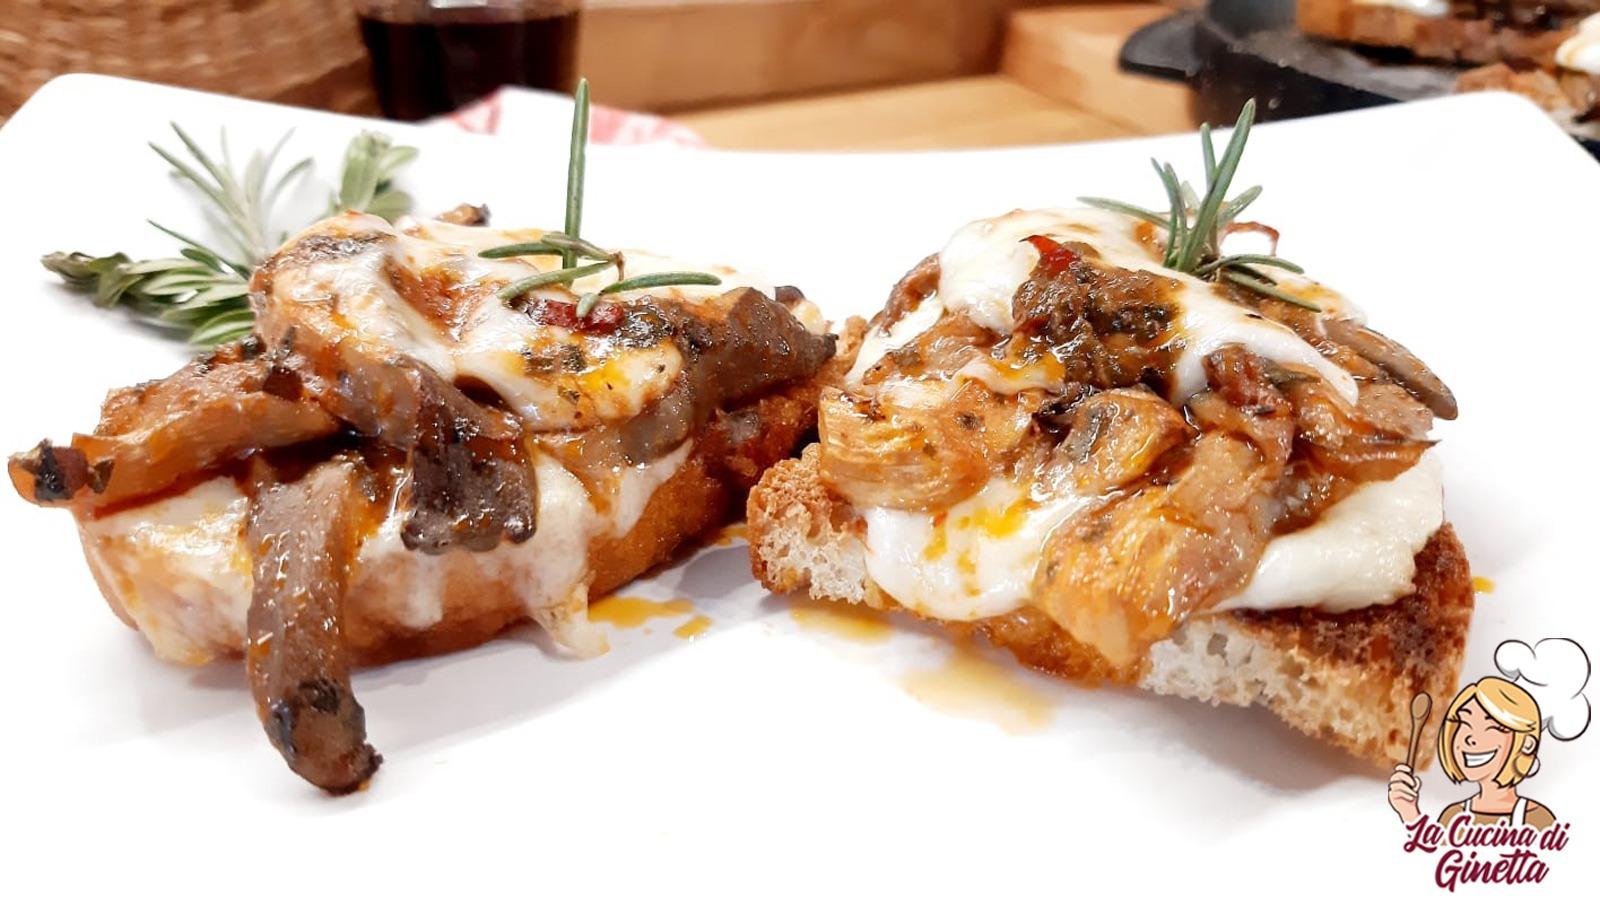 crostini con funghi pleurotos e formaggio